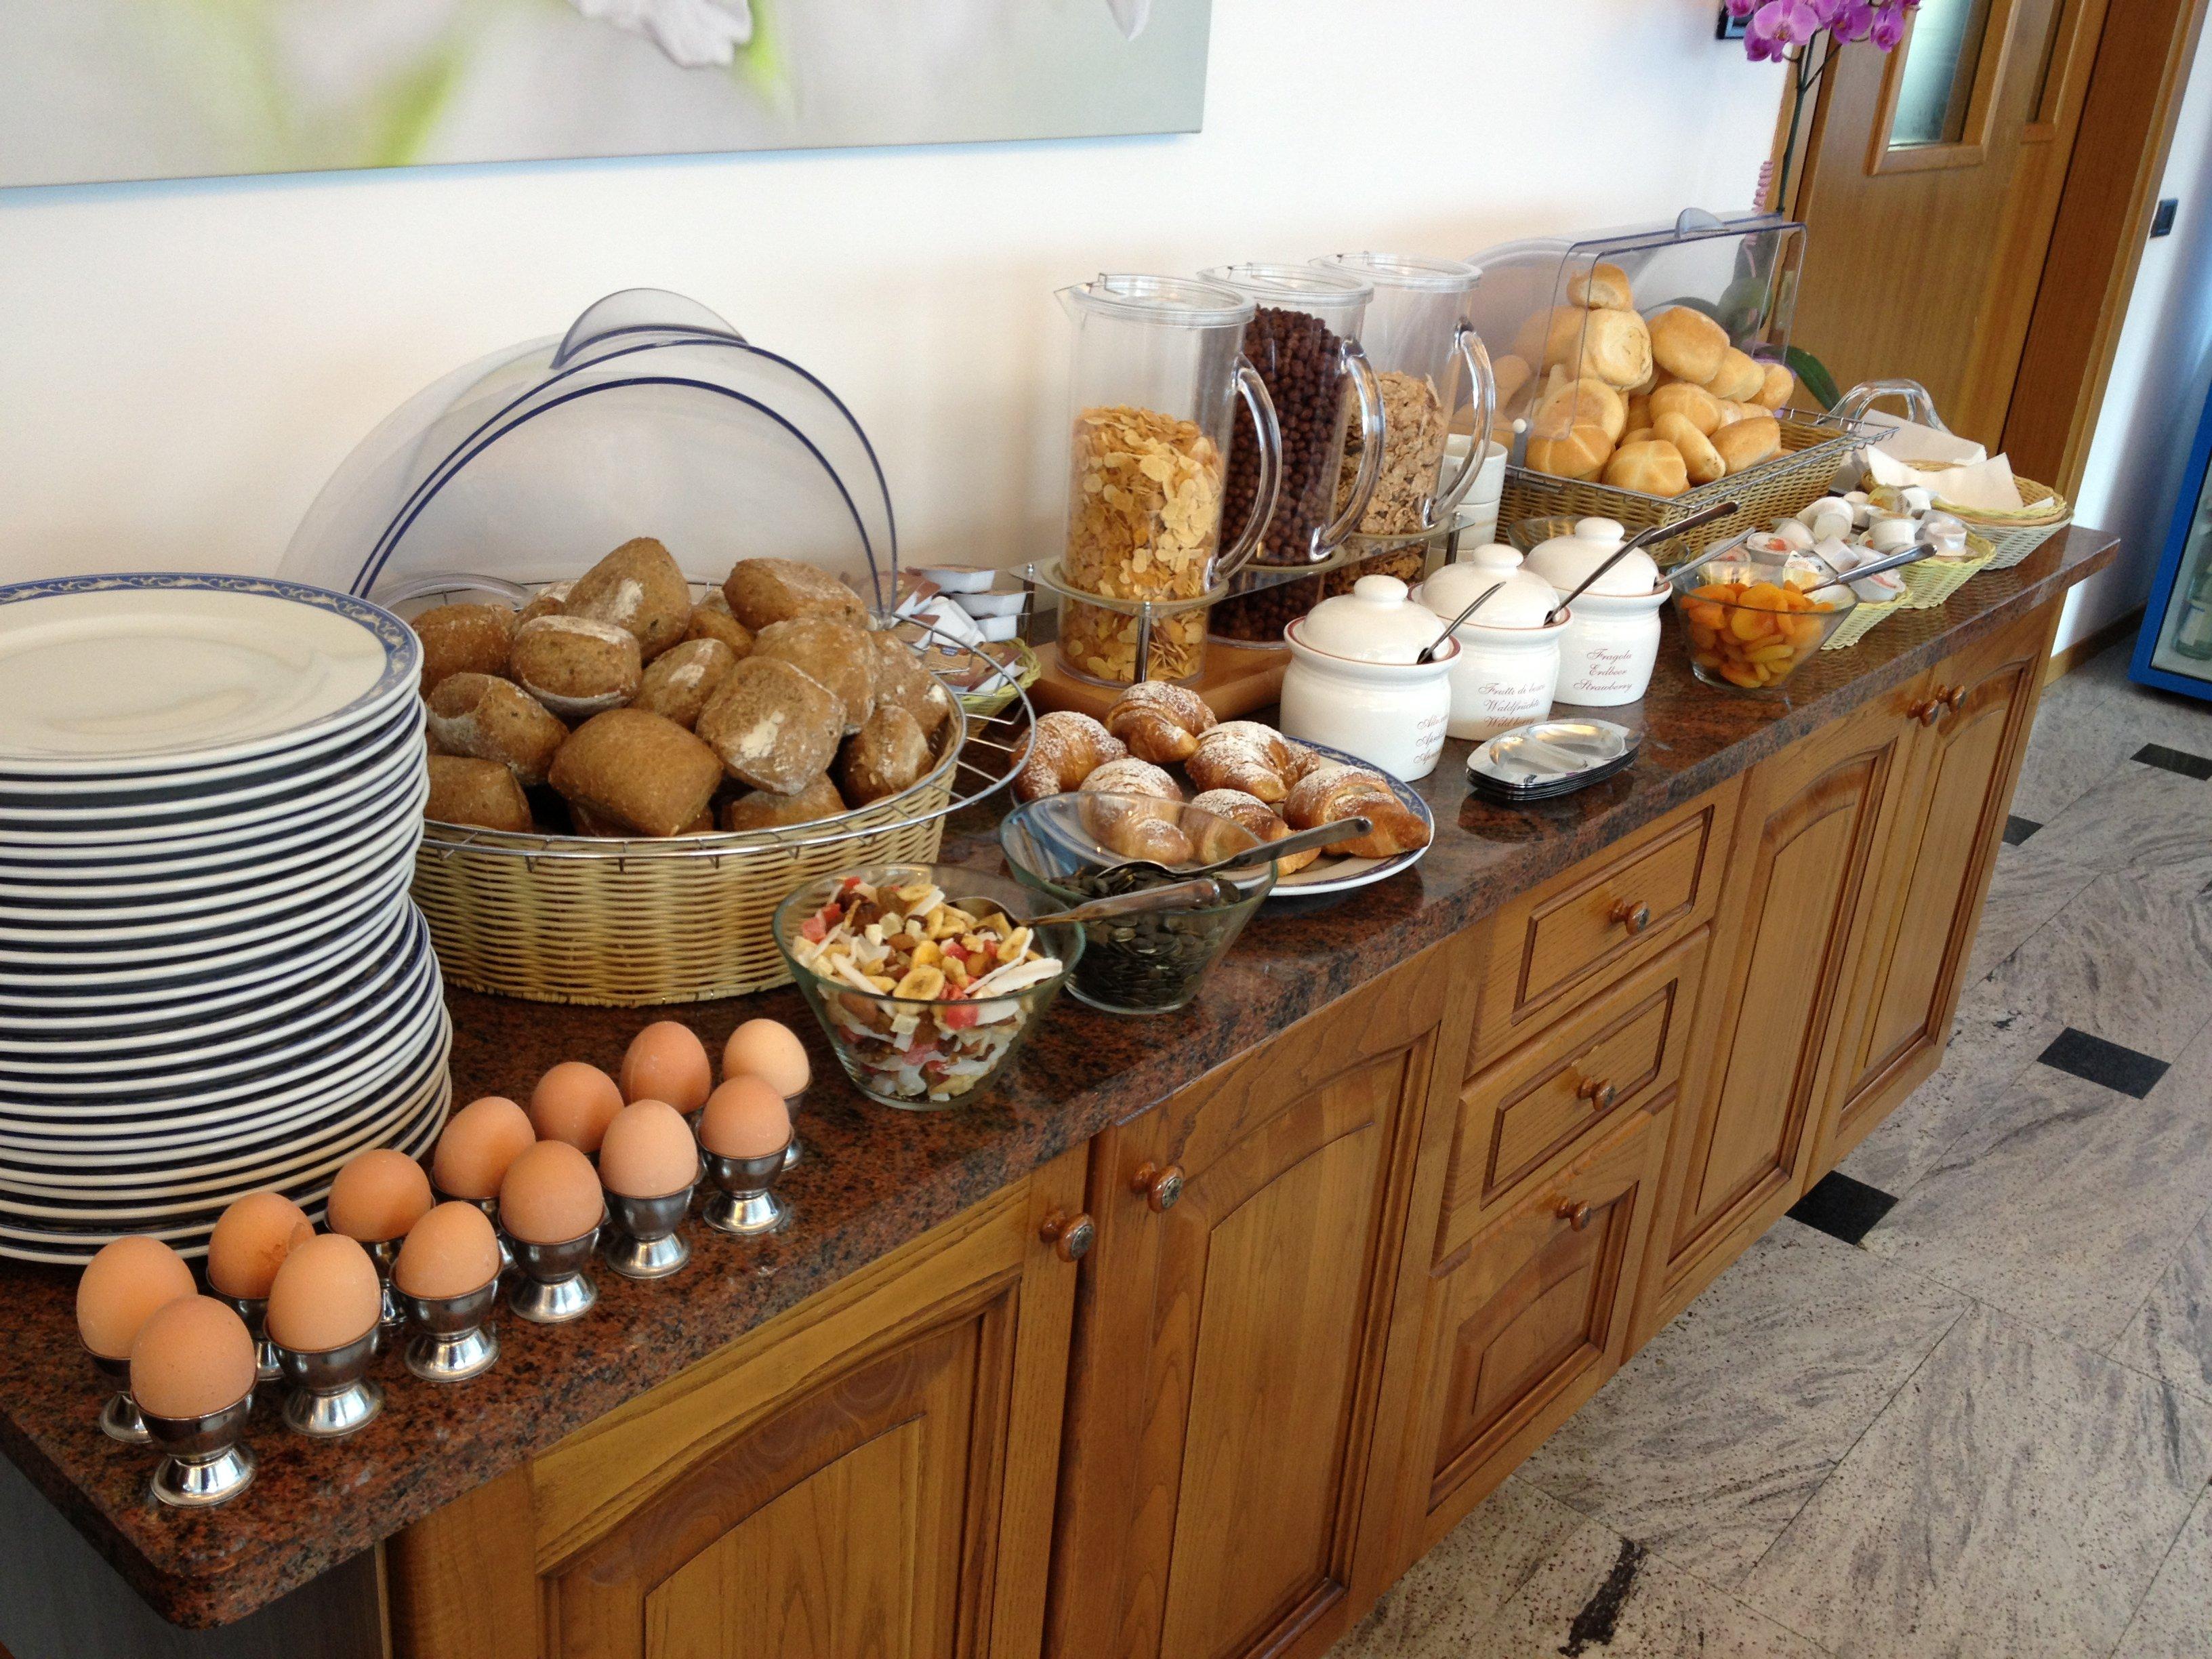 Buffet con piatti, uova, pane fresco, cereali e marmellate